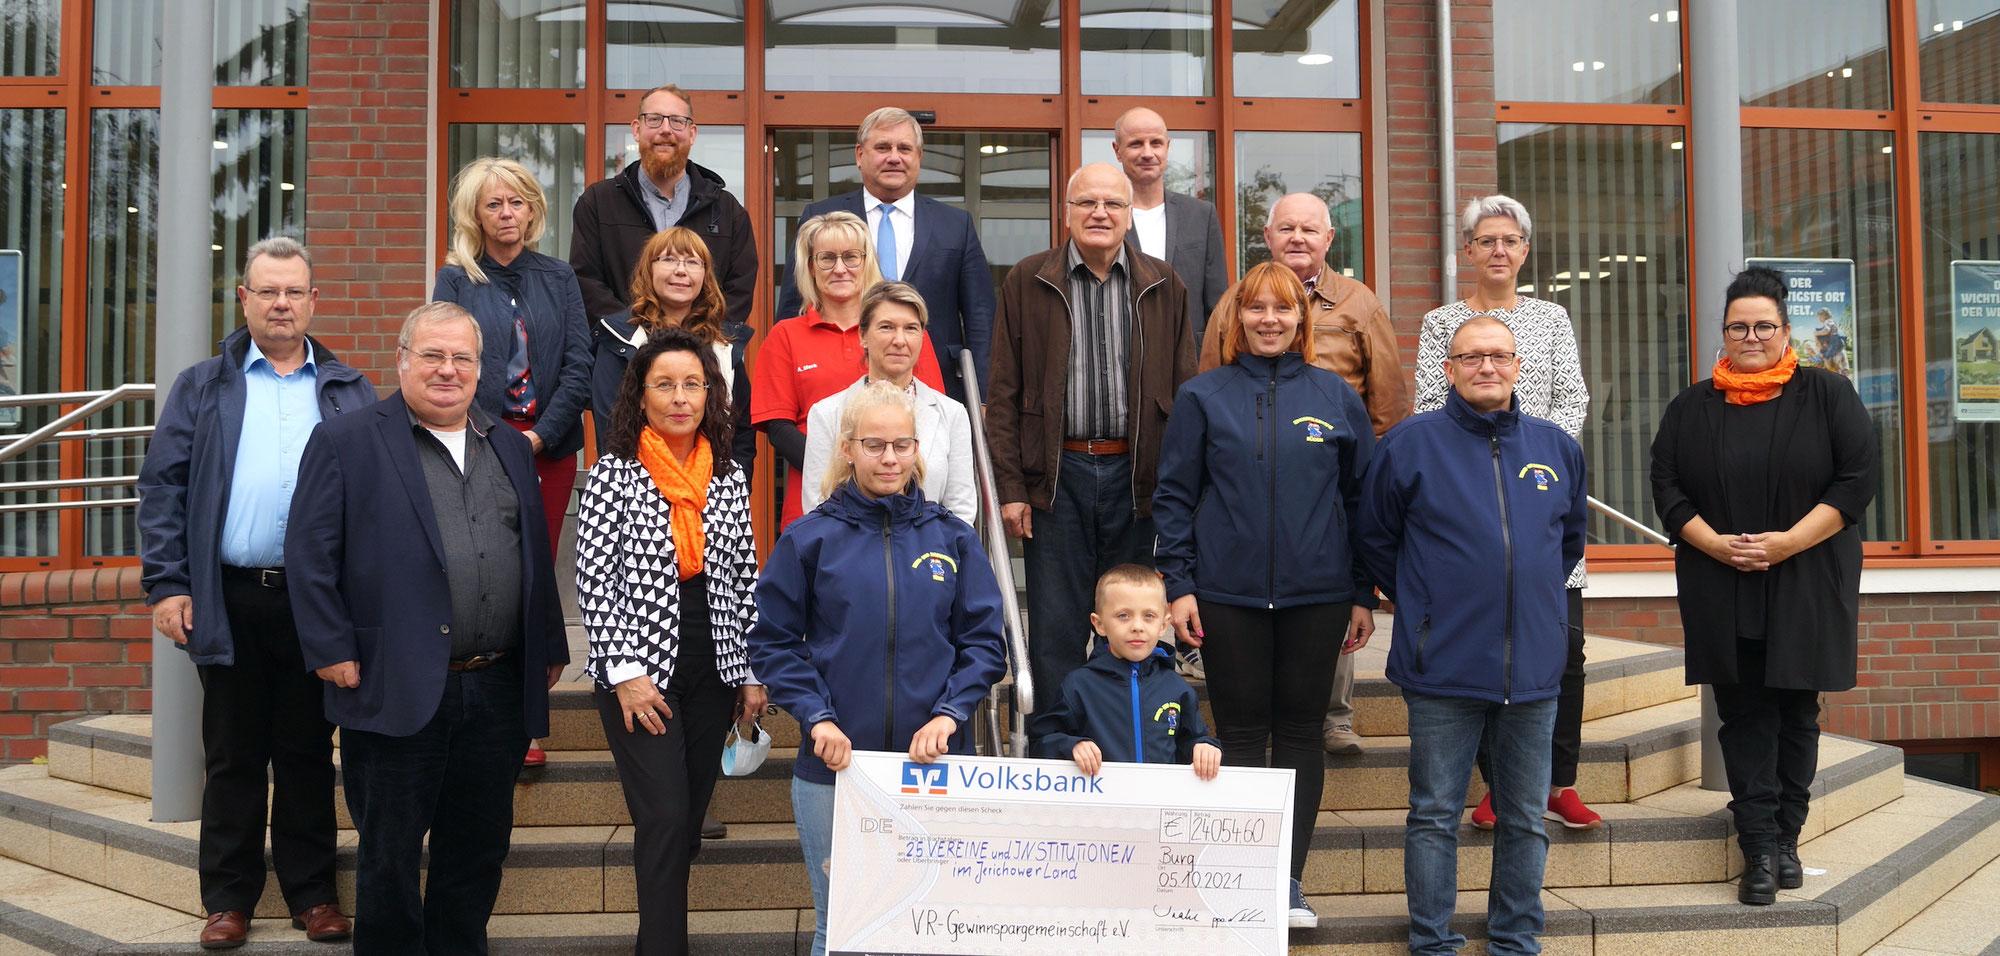 Wie sich 25 Vereine 24.000 Volksbank-Euro aufteilen